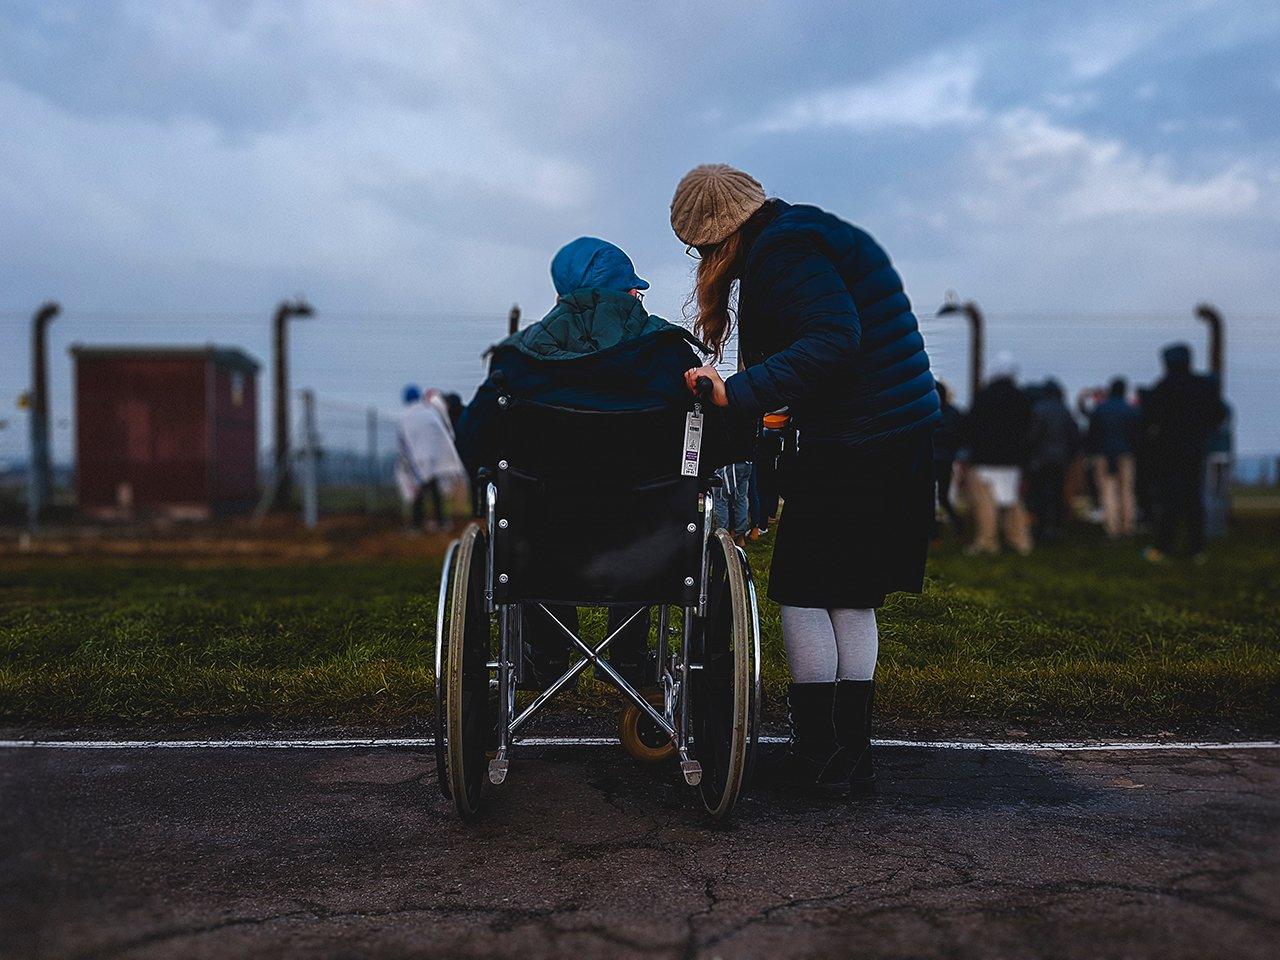 sito di incontri disabili in Europa sito di incontri marini